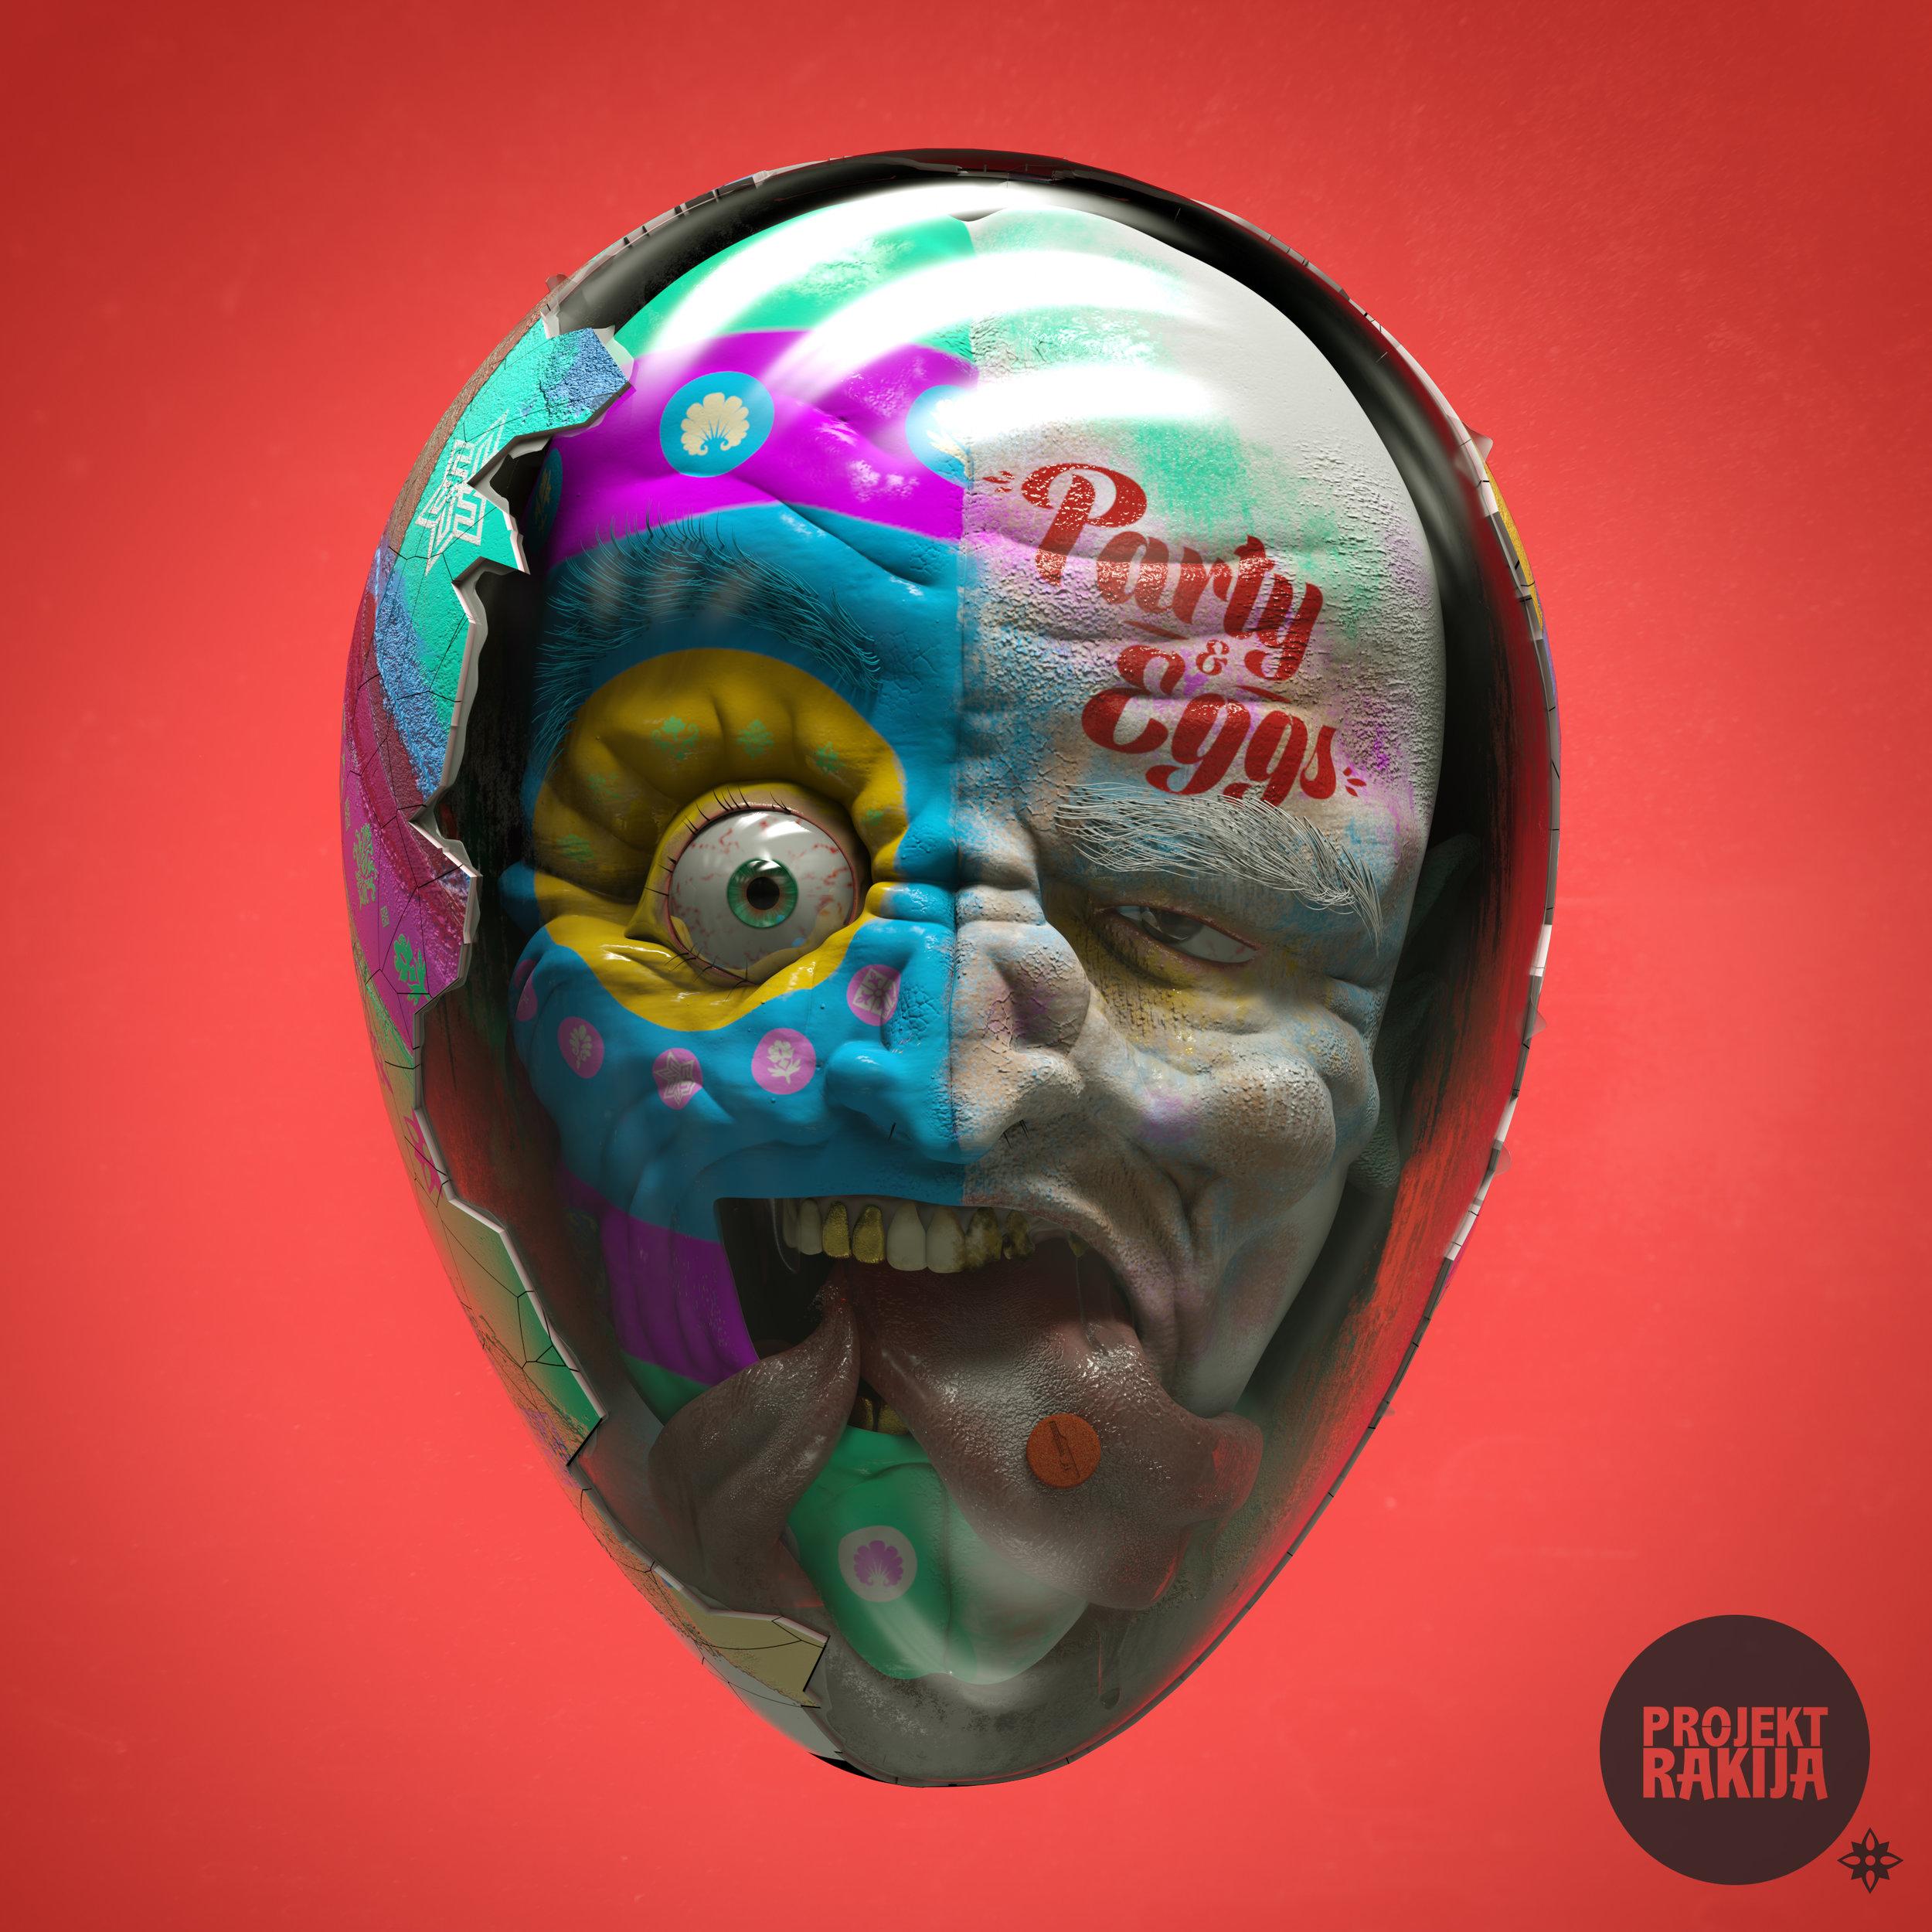 rakija artwork party n eggs2.jpg